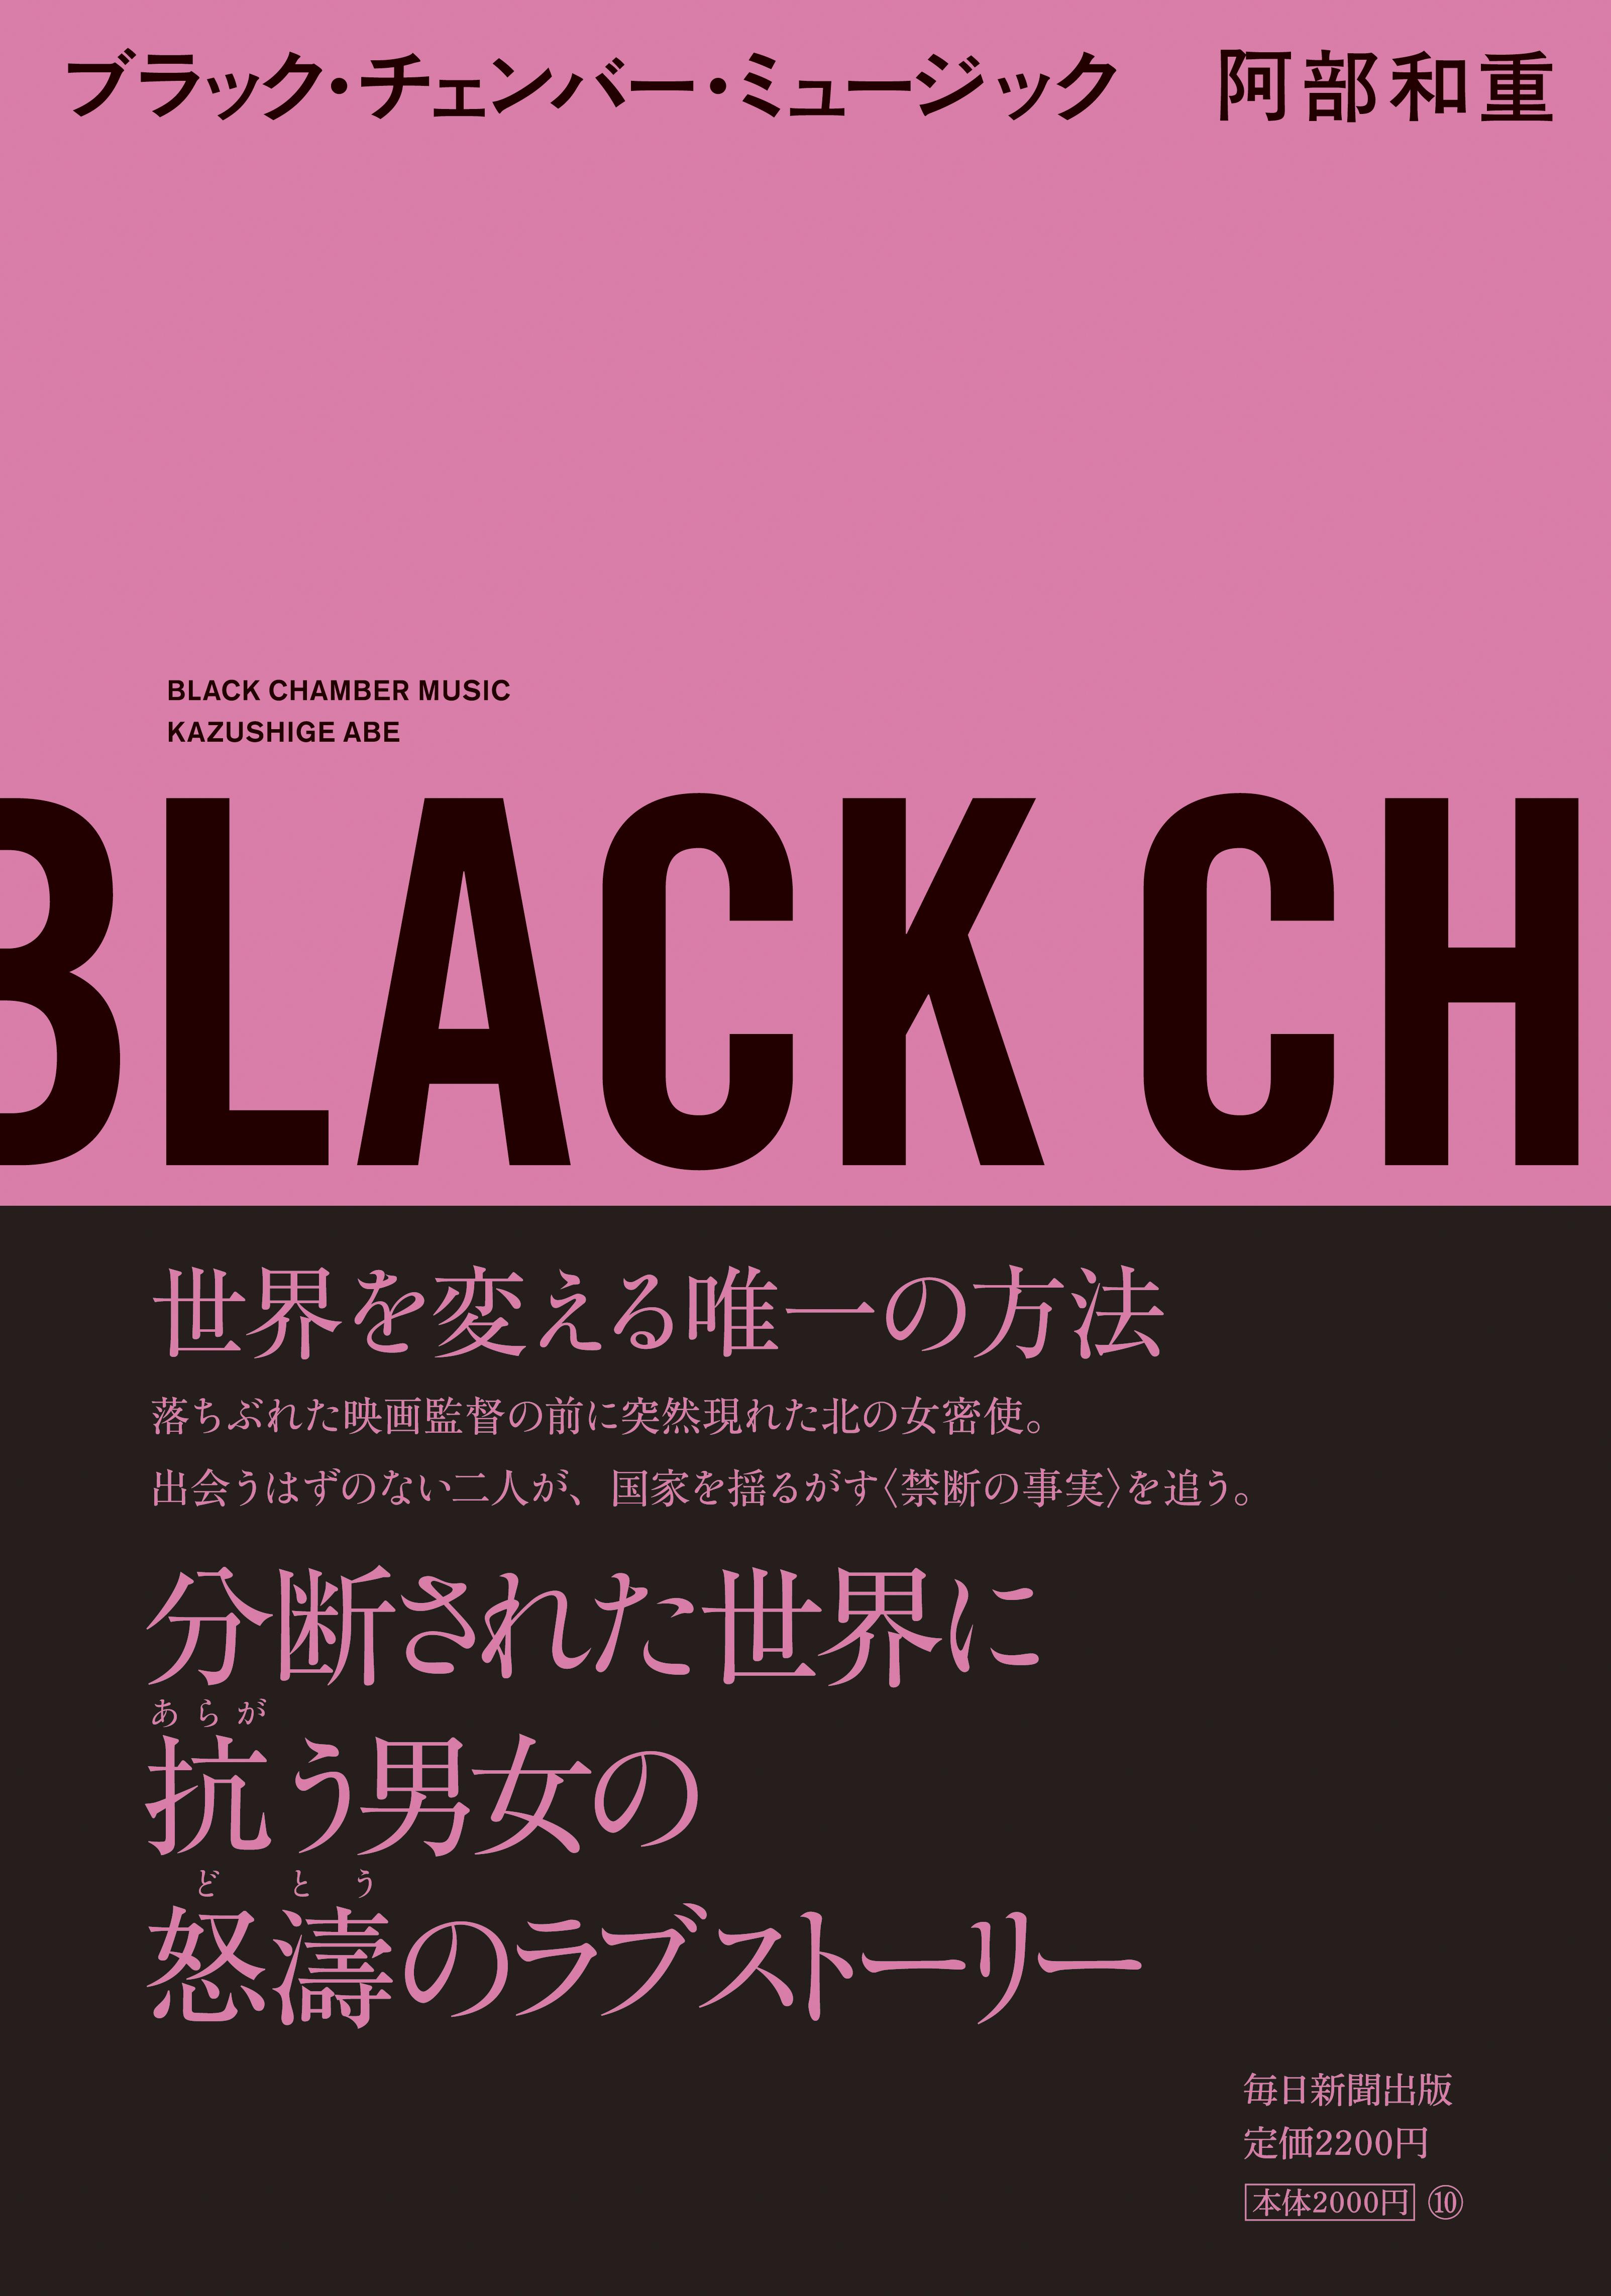 書影:ブラック・チェンバー・ミュージック